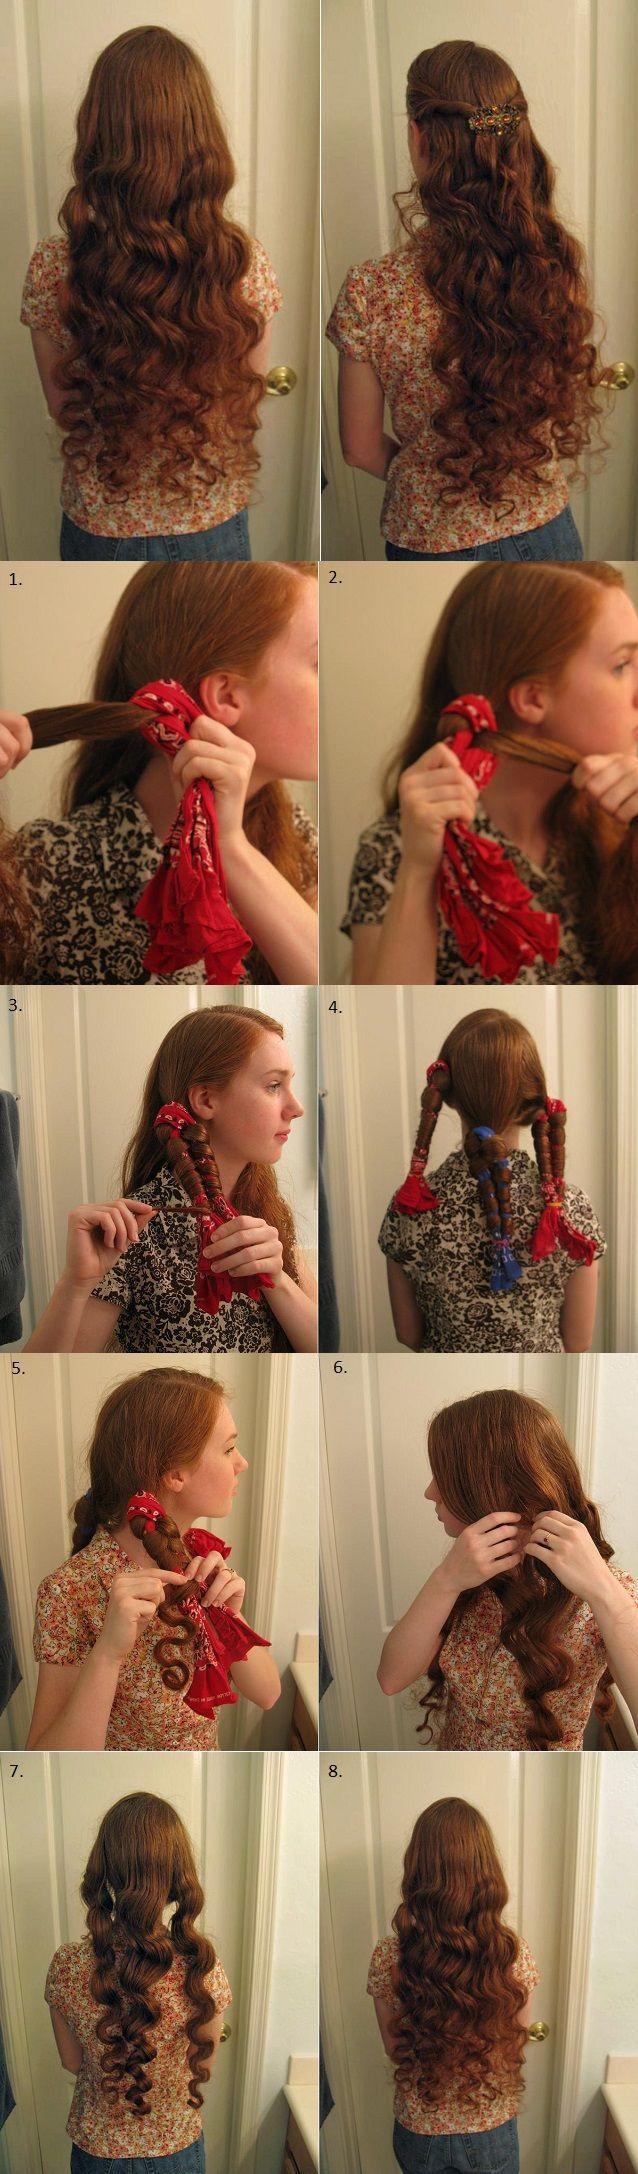 Как делать легкие прически для небольших волос